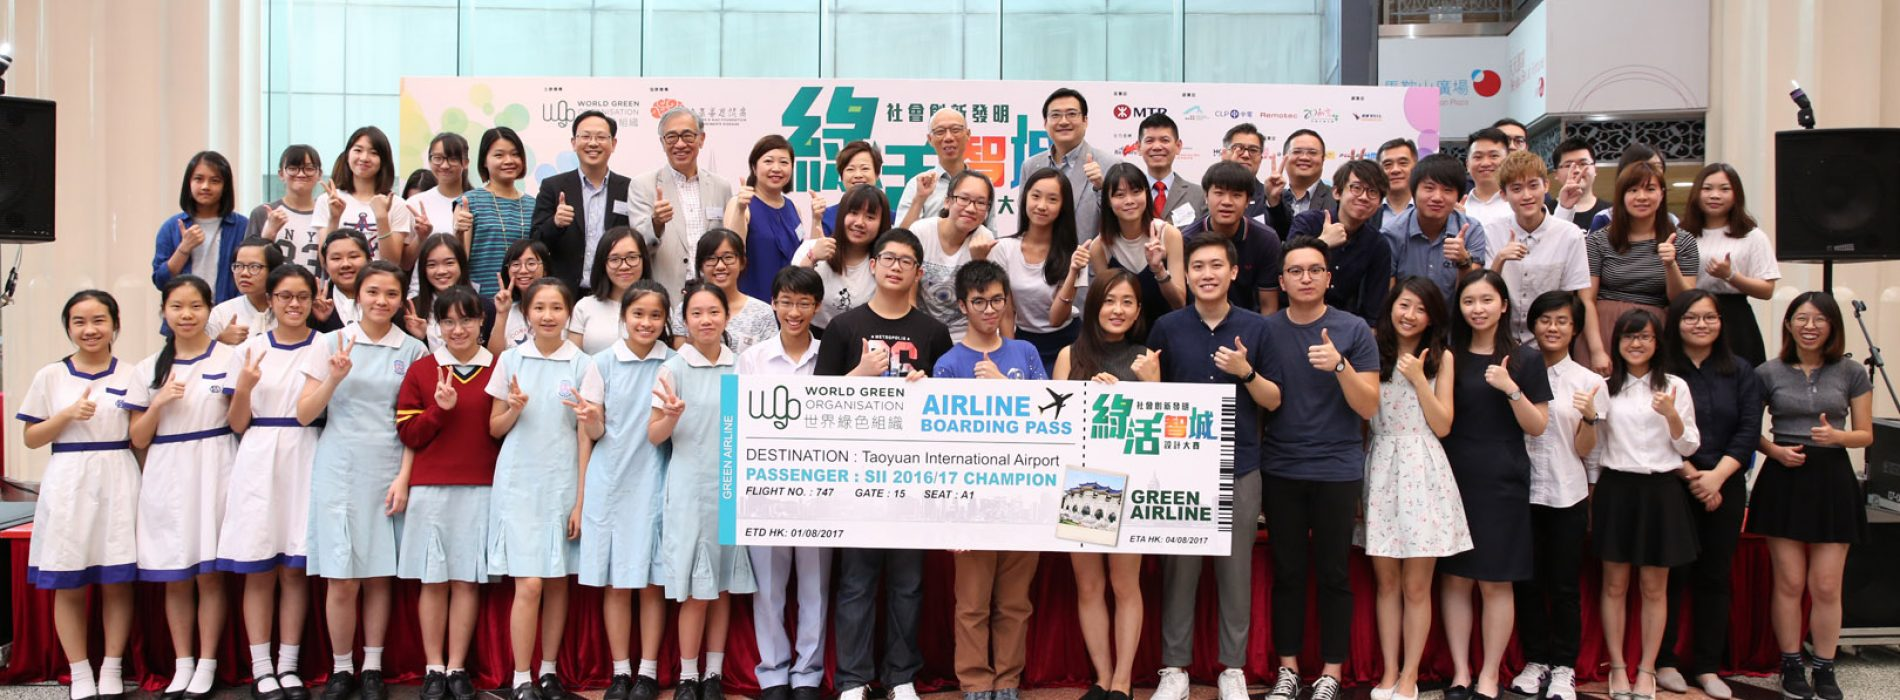 世界綠色組織 「社會創新發明 綠活智城」設計比賽頒獎禮